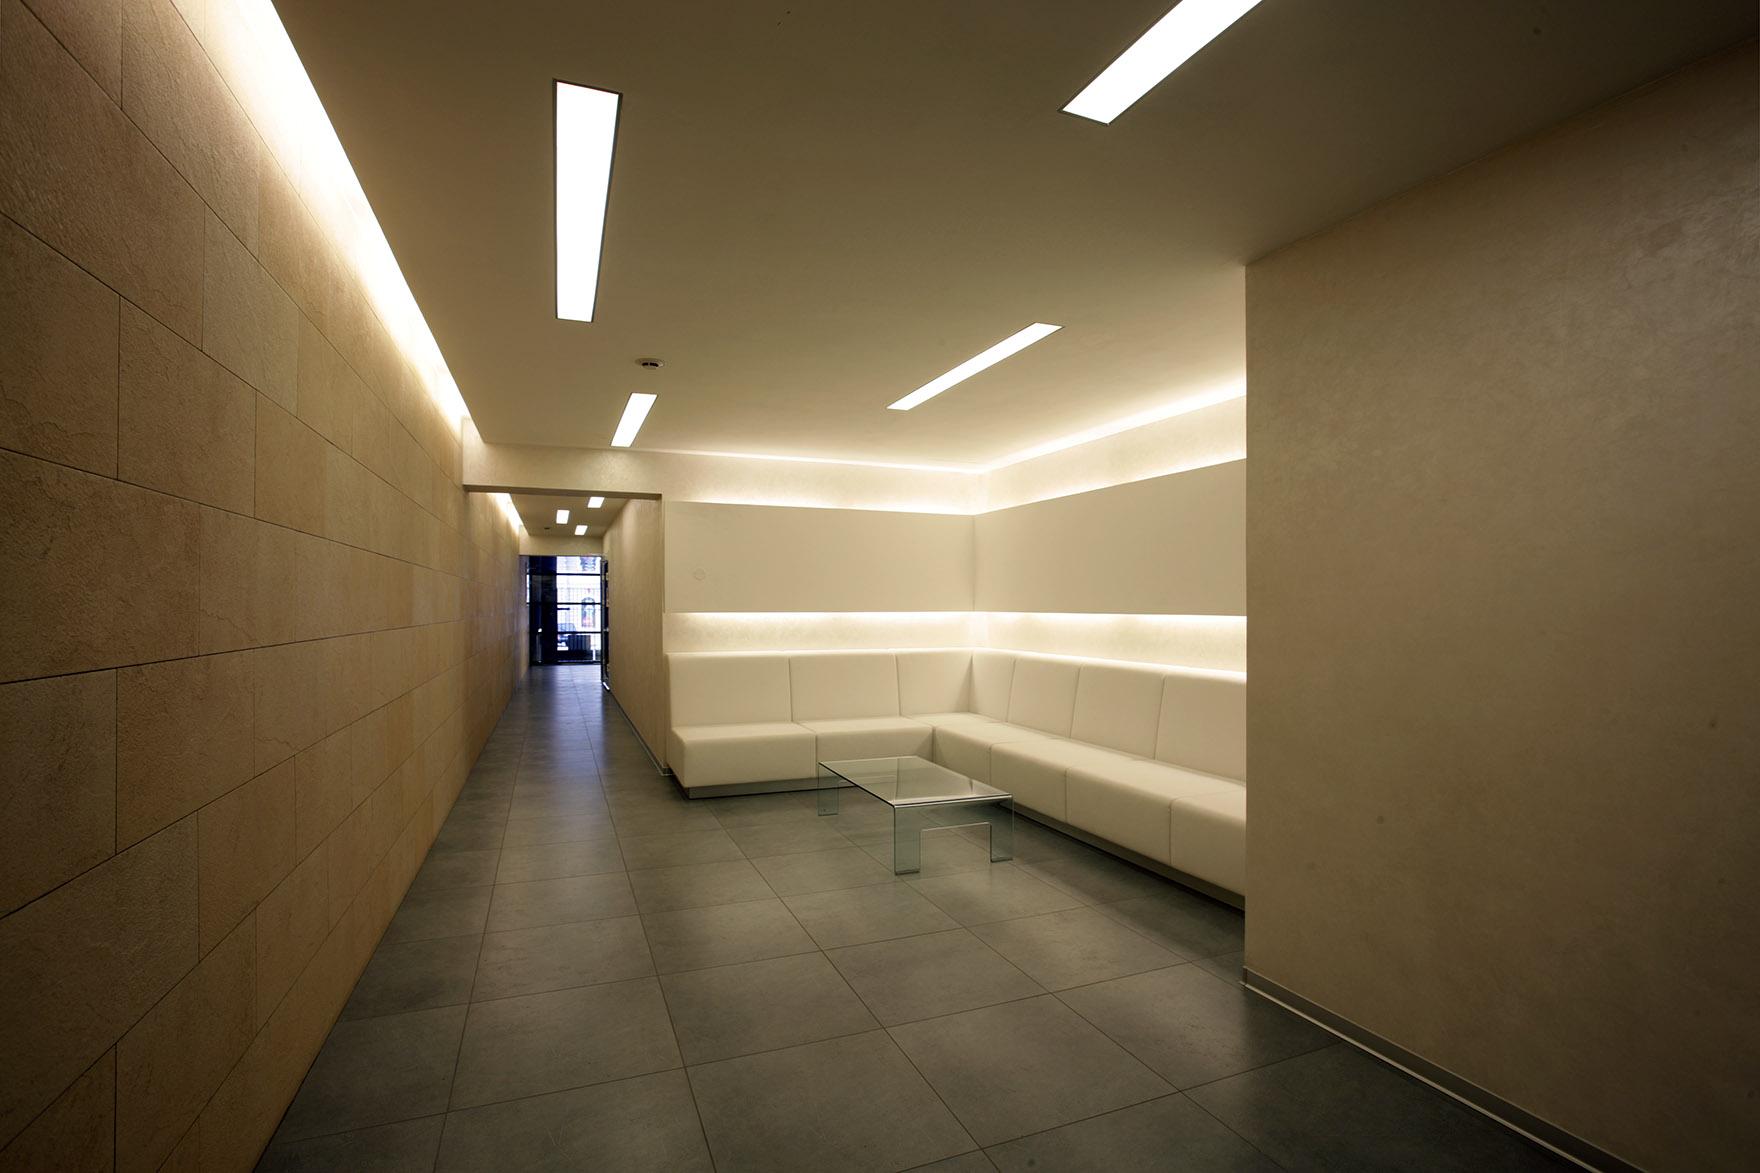 Многоквартирный дом «», комната отдыха, фото из проекта